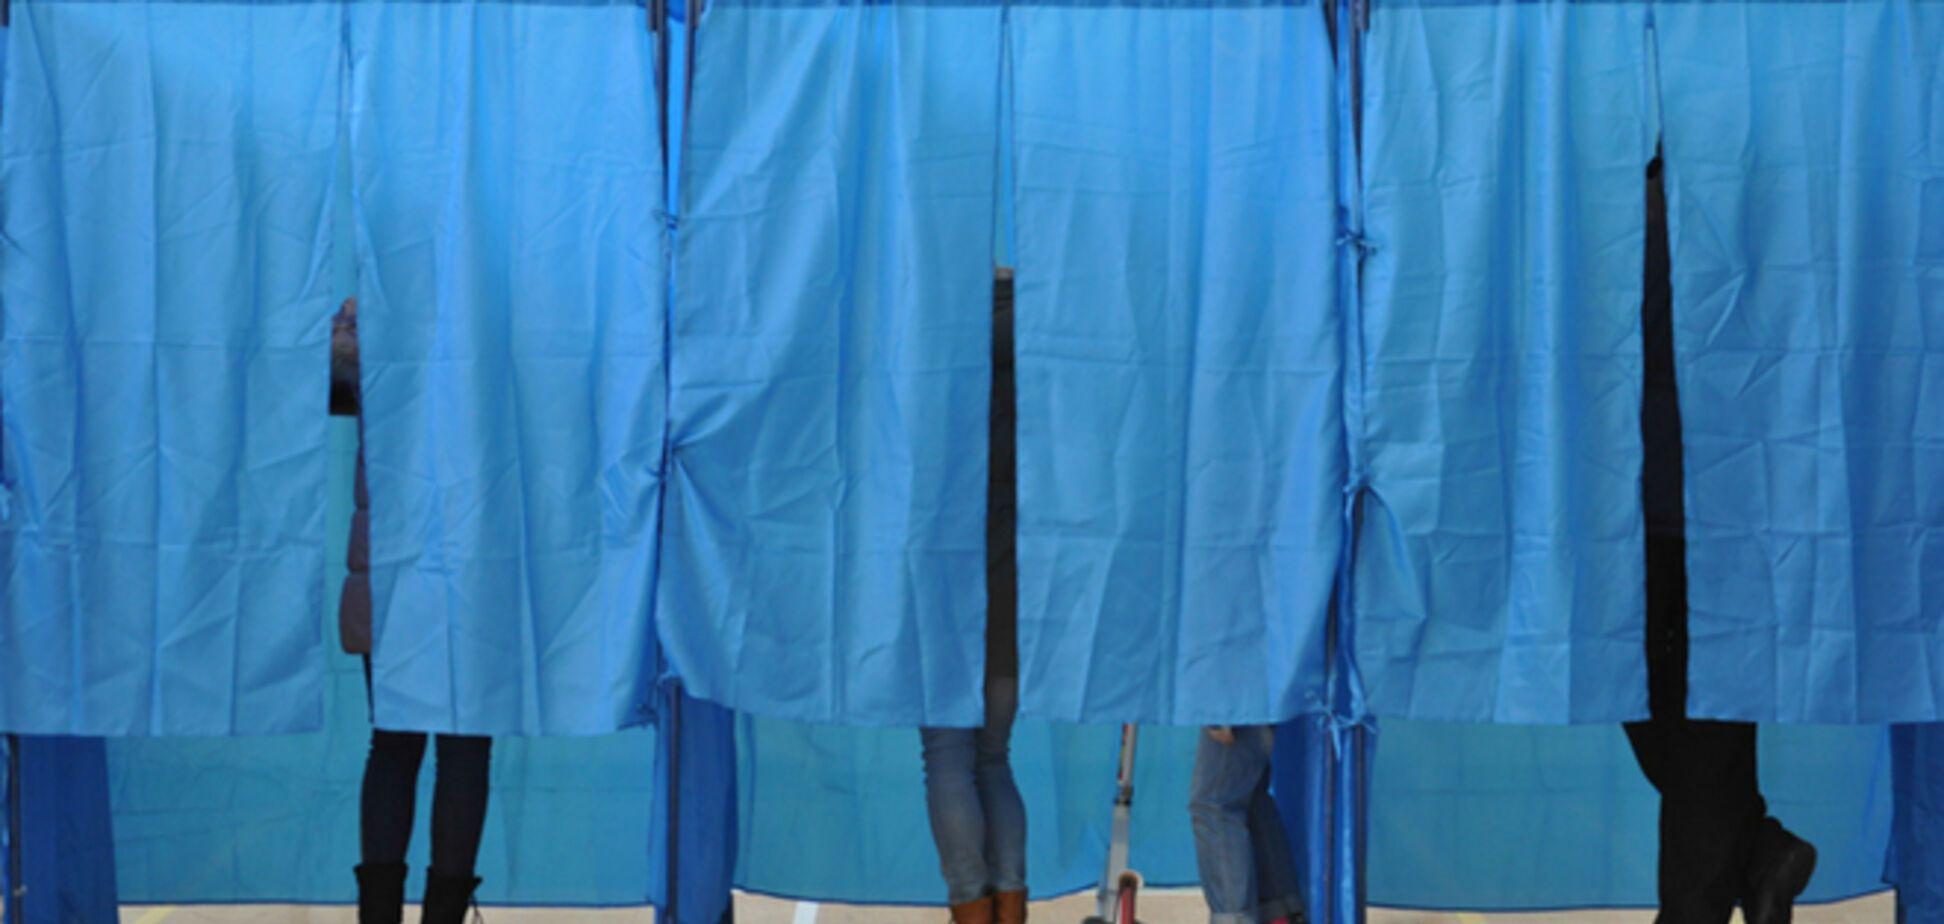 На Донетчине экс-регионал всеми способами пытается вырвать победу у кандидата от БПП - активист